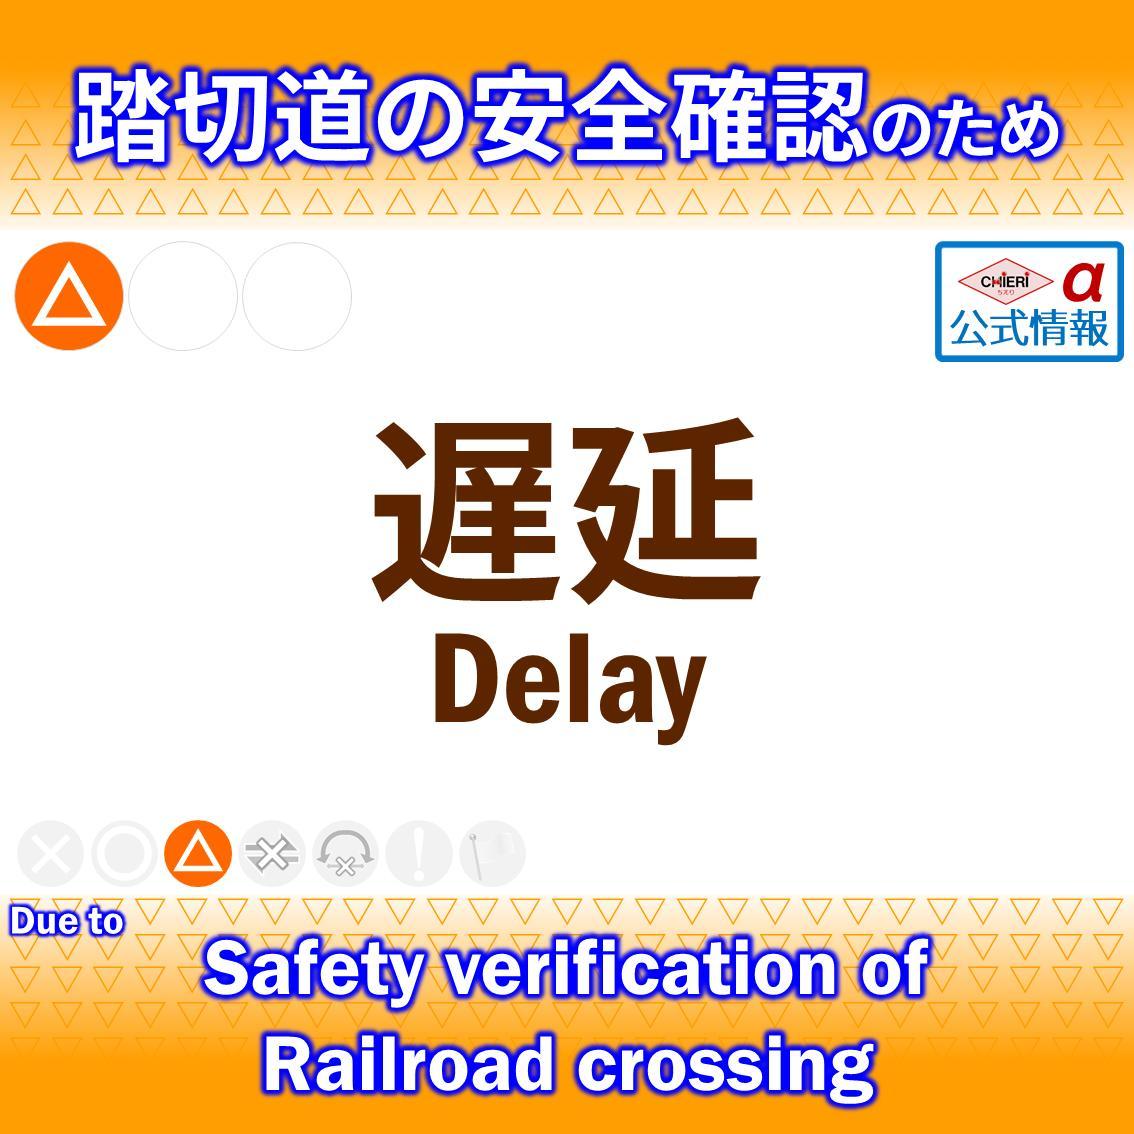 画像,◆北陸本線(敦賀~金沢)<11:33現在 ⚠️遅延>11:06頃、丸岡~芦原温泉駅間で踏切道の安全確認のため、福井~小松駅間の一部列車が遅れています…